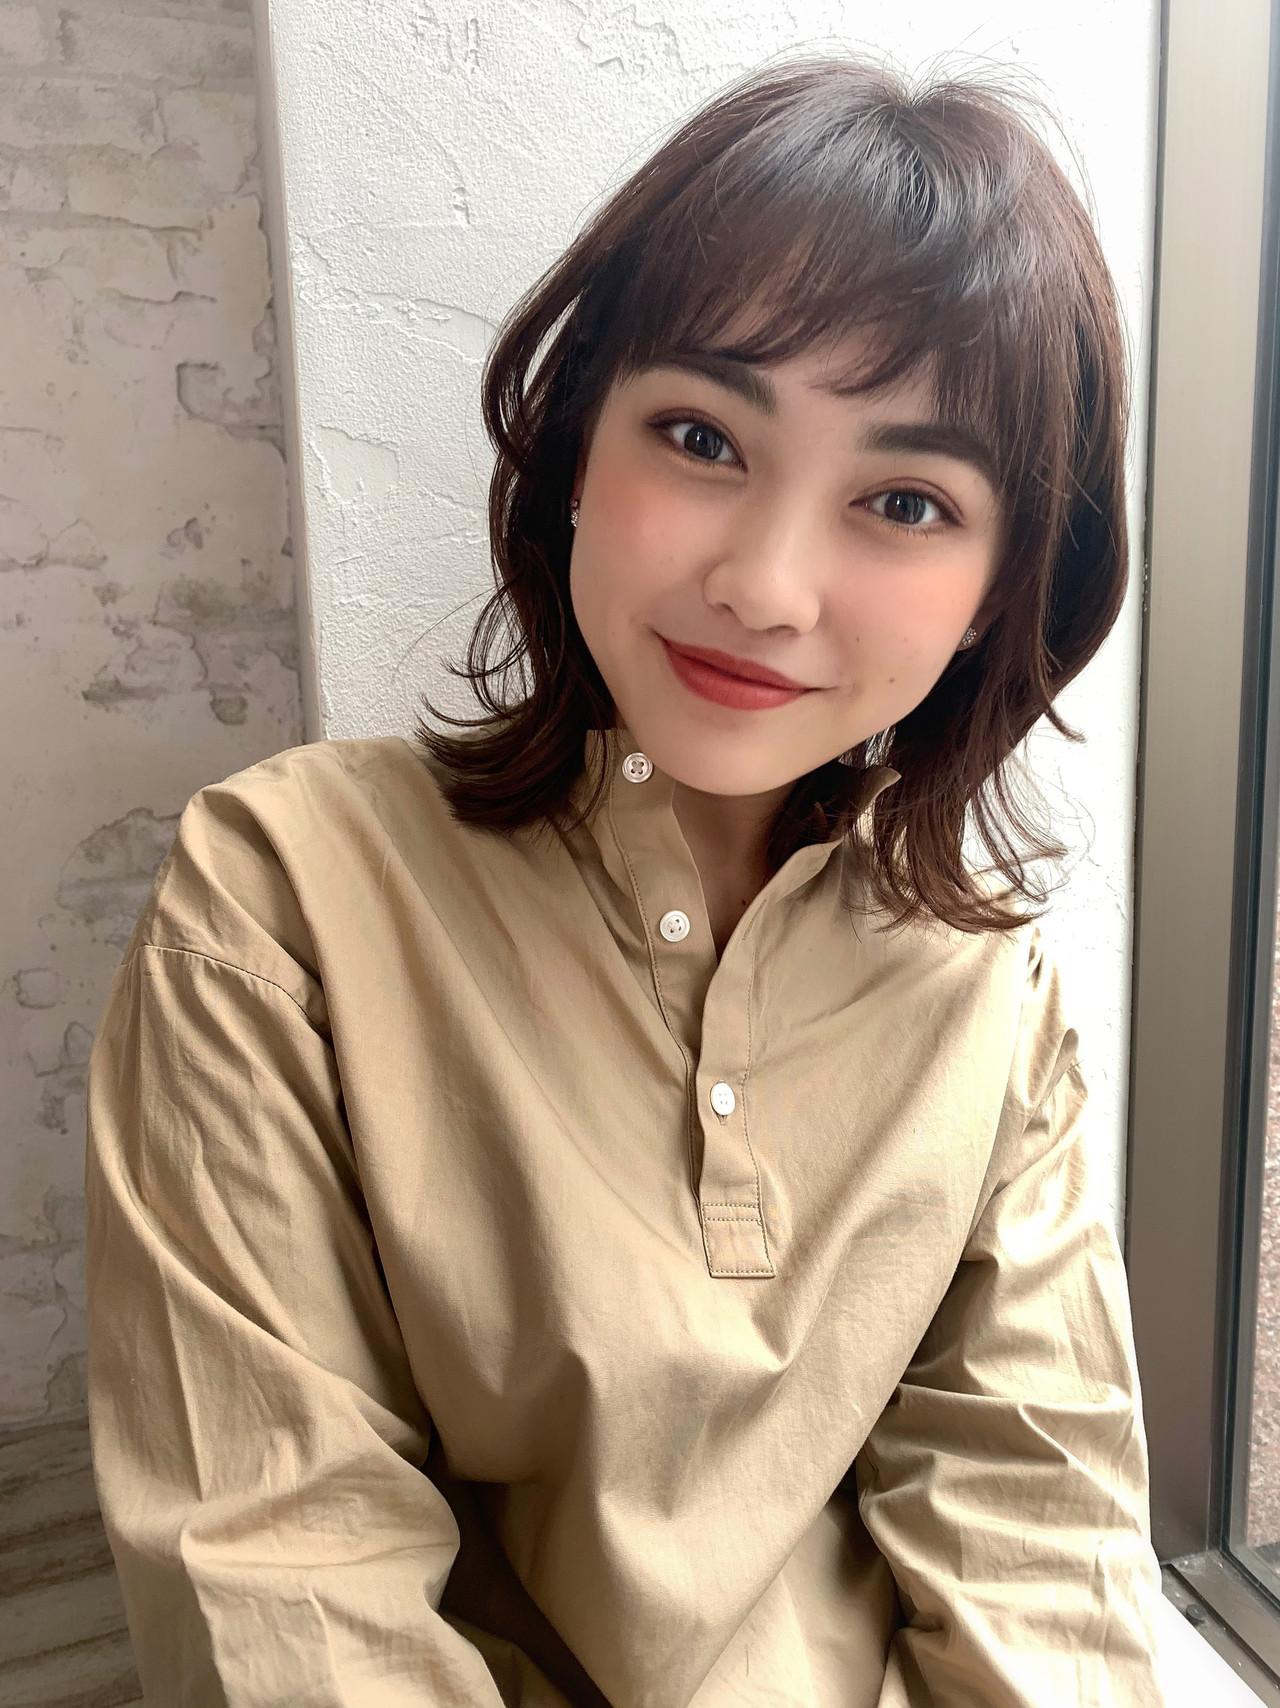 パーマ ミディアム オルチャン 韓国風ヘアー ヘアスタイルや髪型の写真・画像